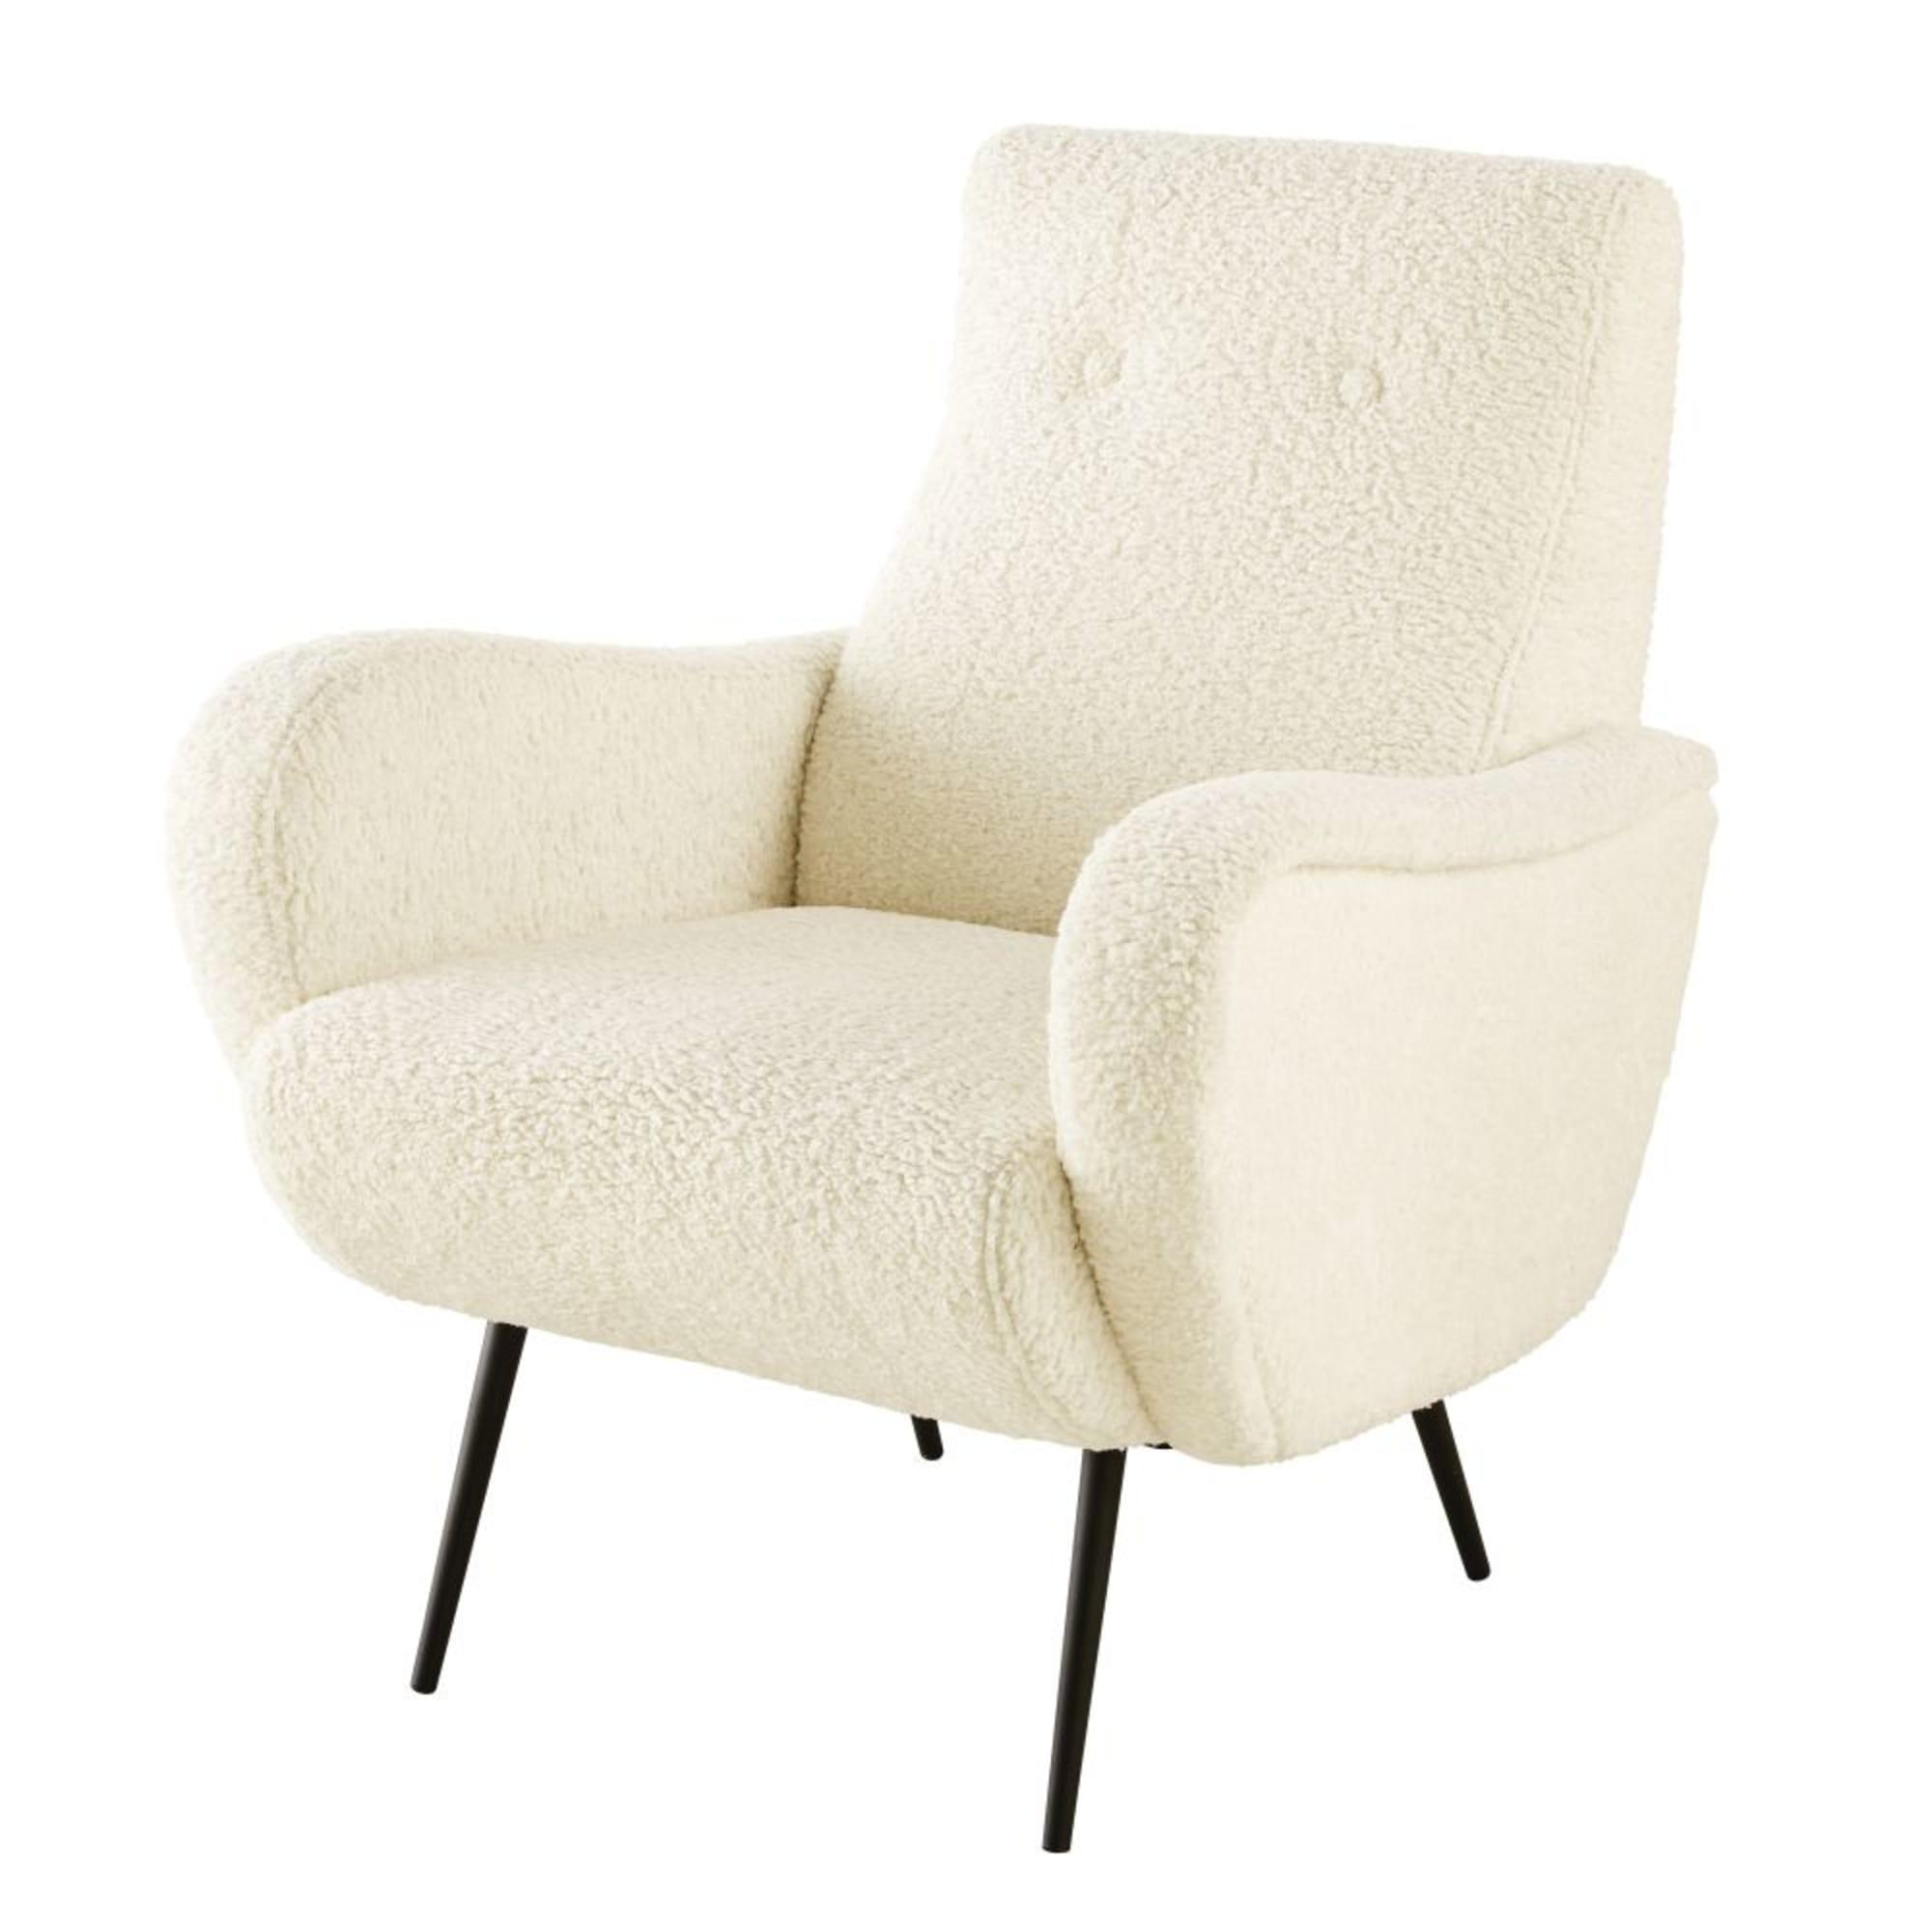 POLUX- Synthetic hair armchair